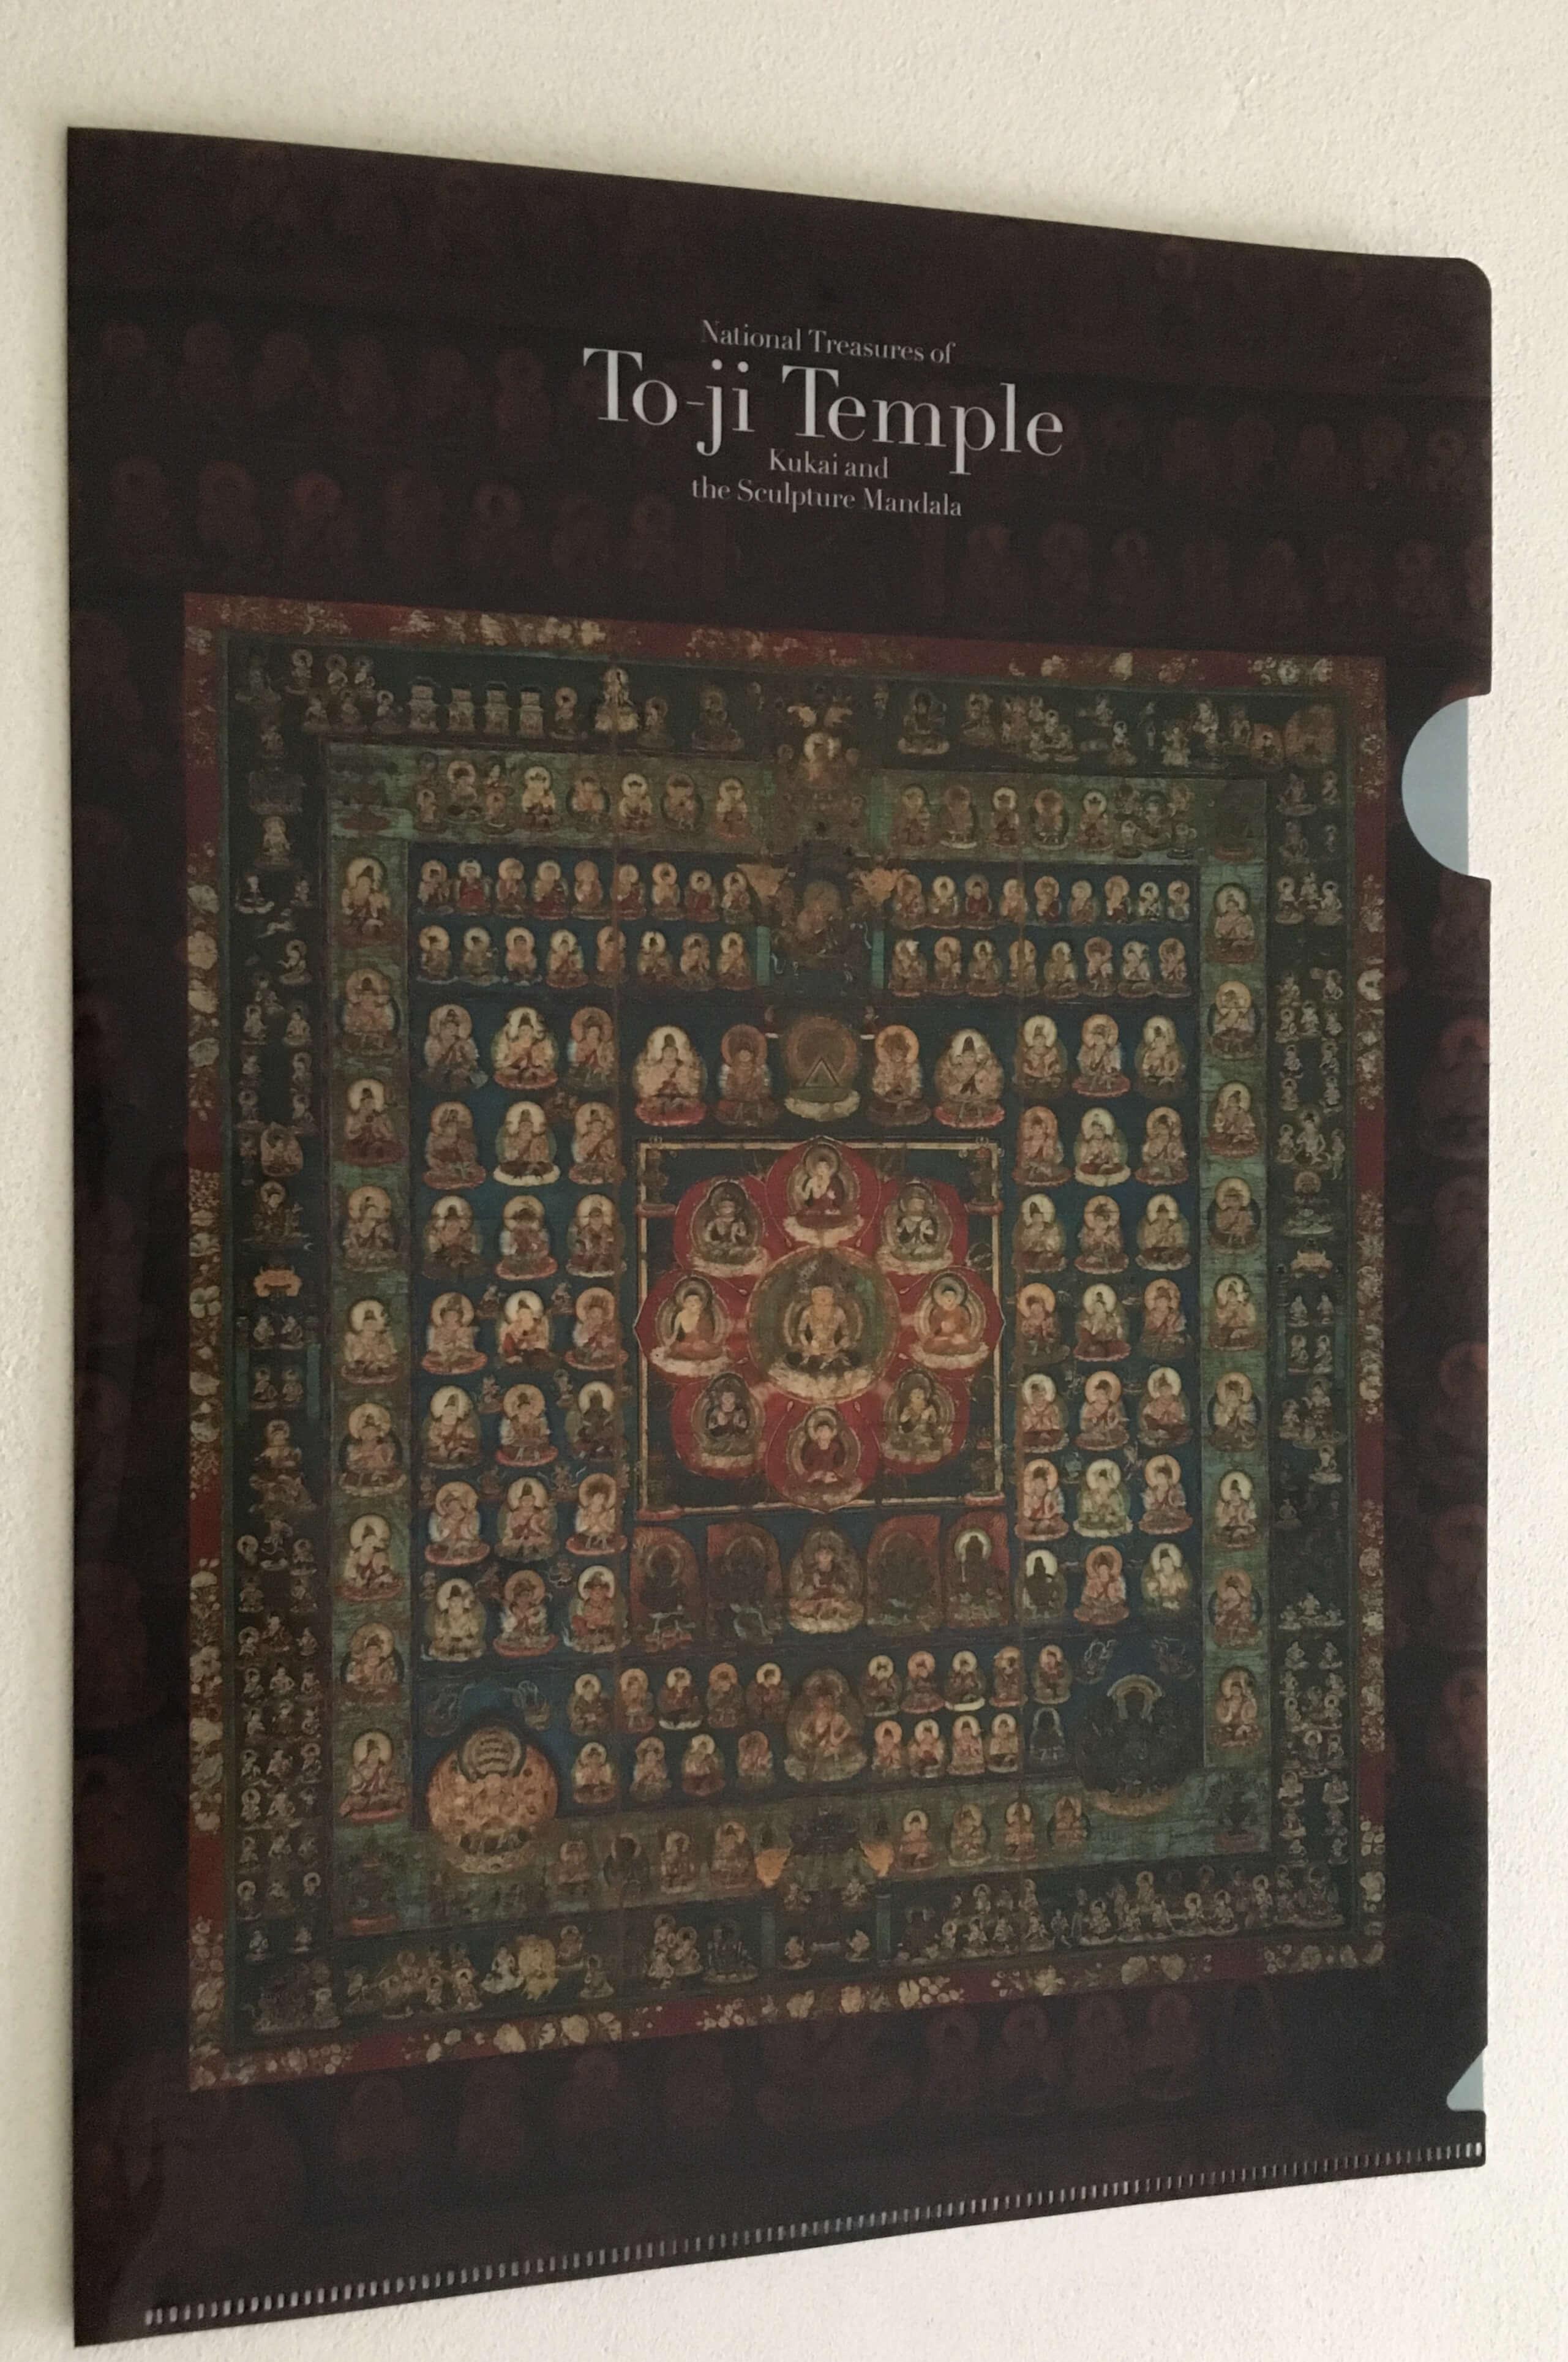 東寺展のクリアファイル